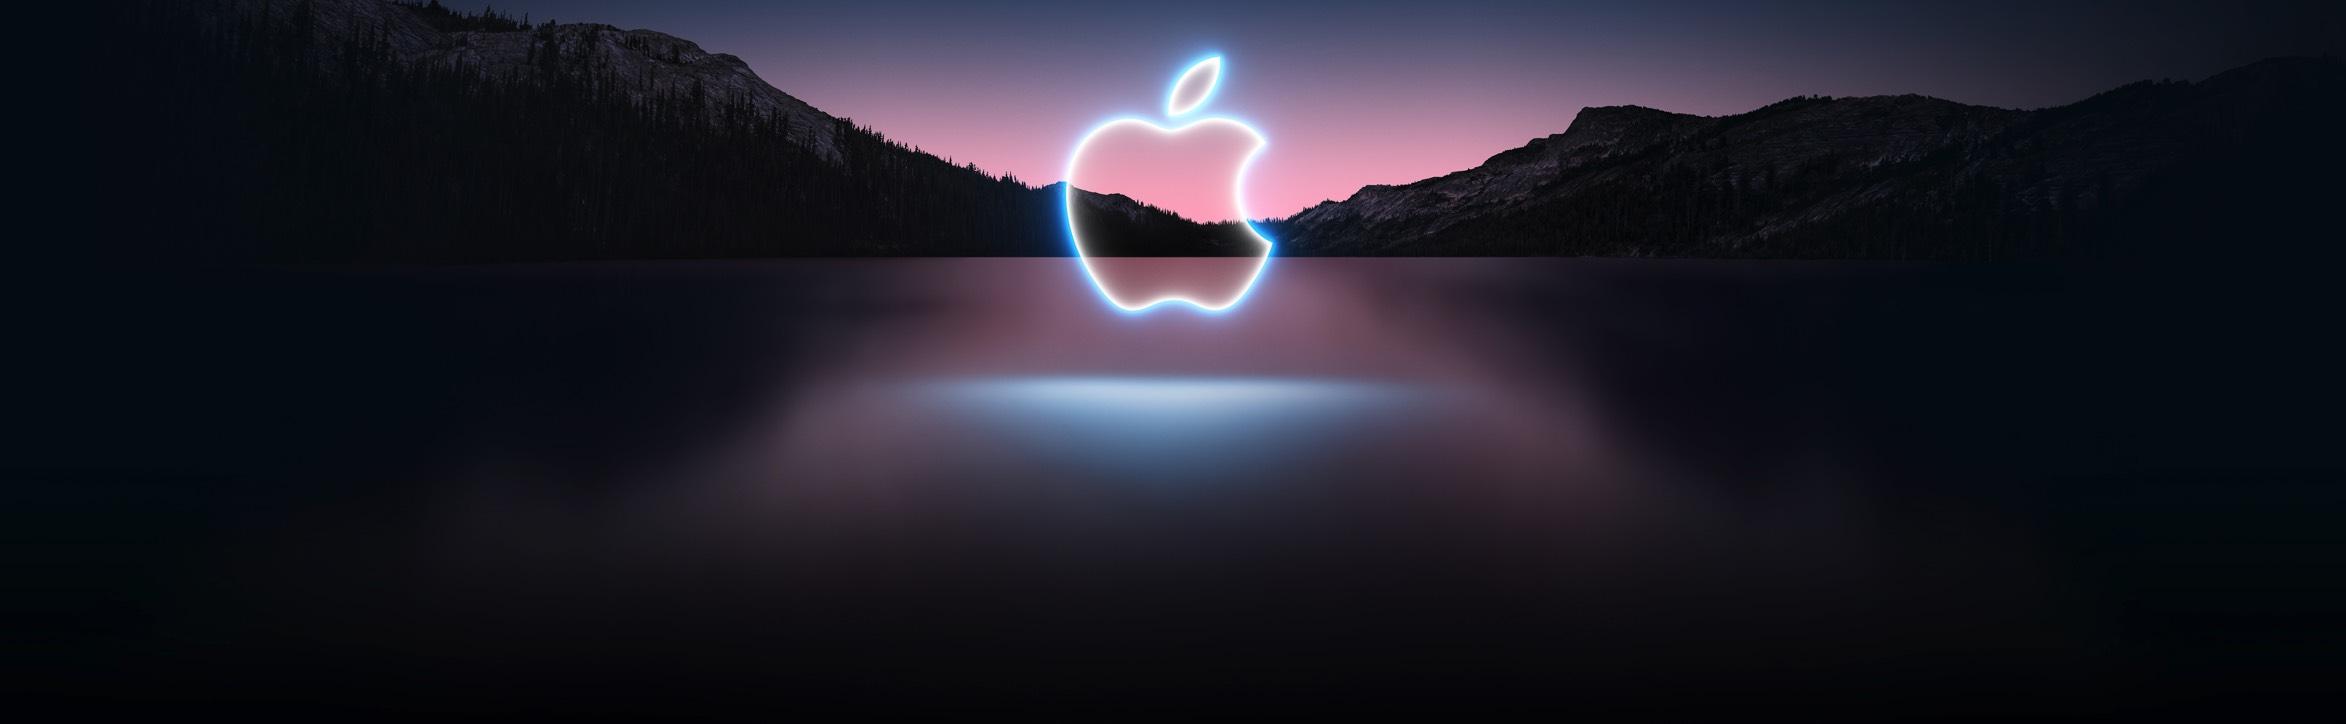 Nieuw van Apple september 2021